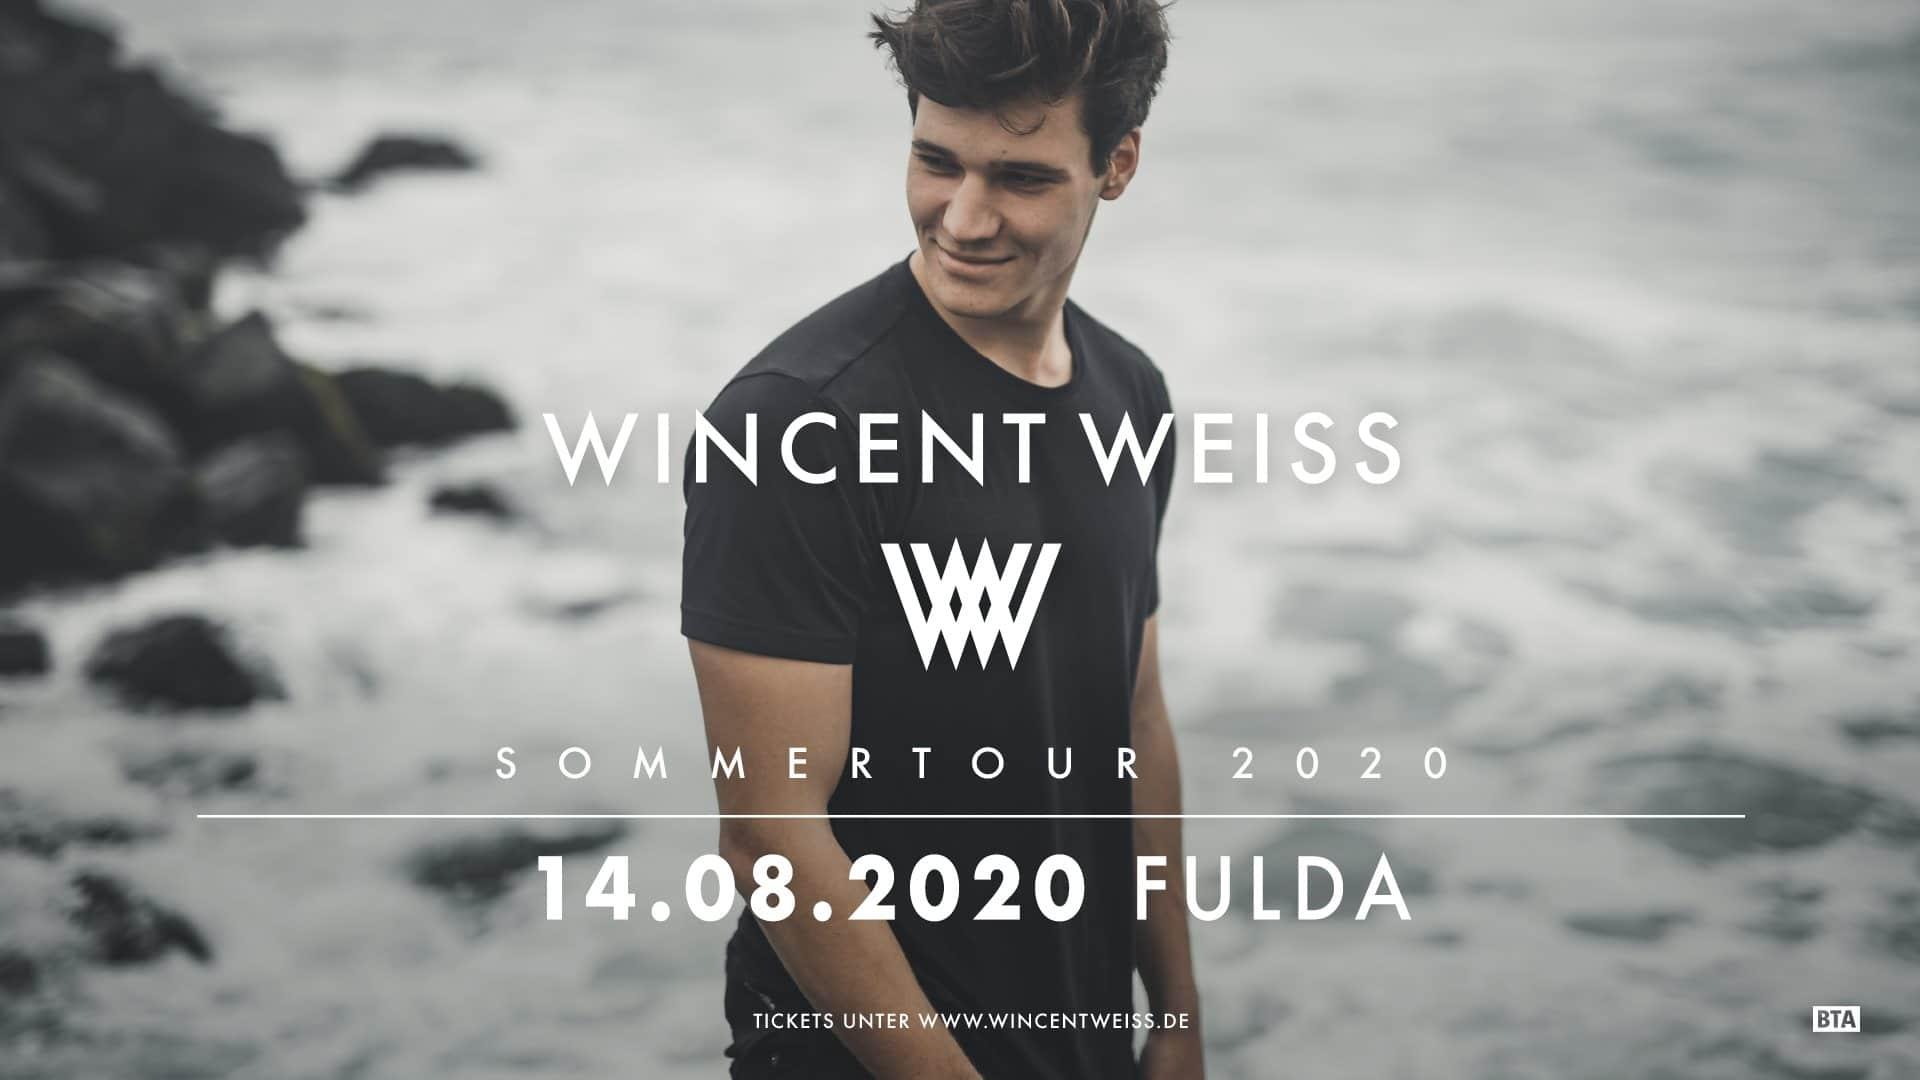 Openair Konzert Fulda - Wincent Weiss